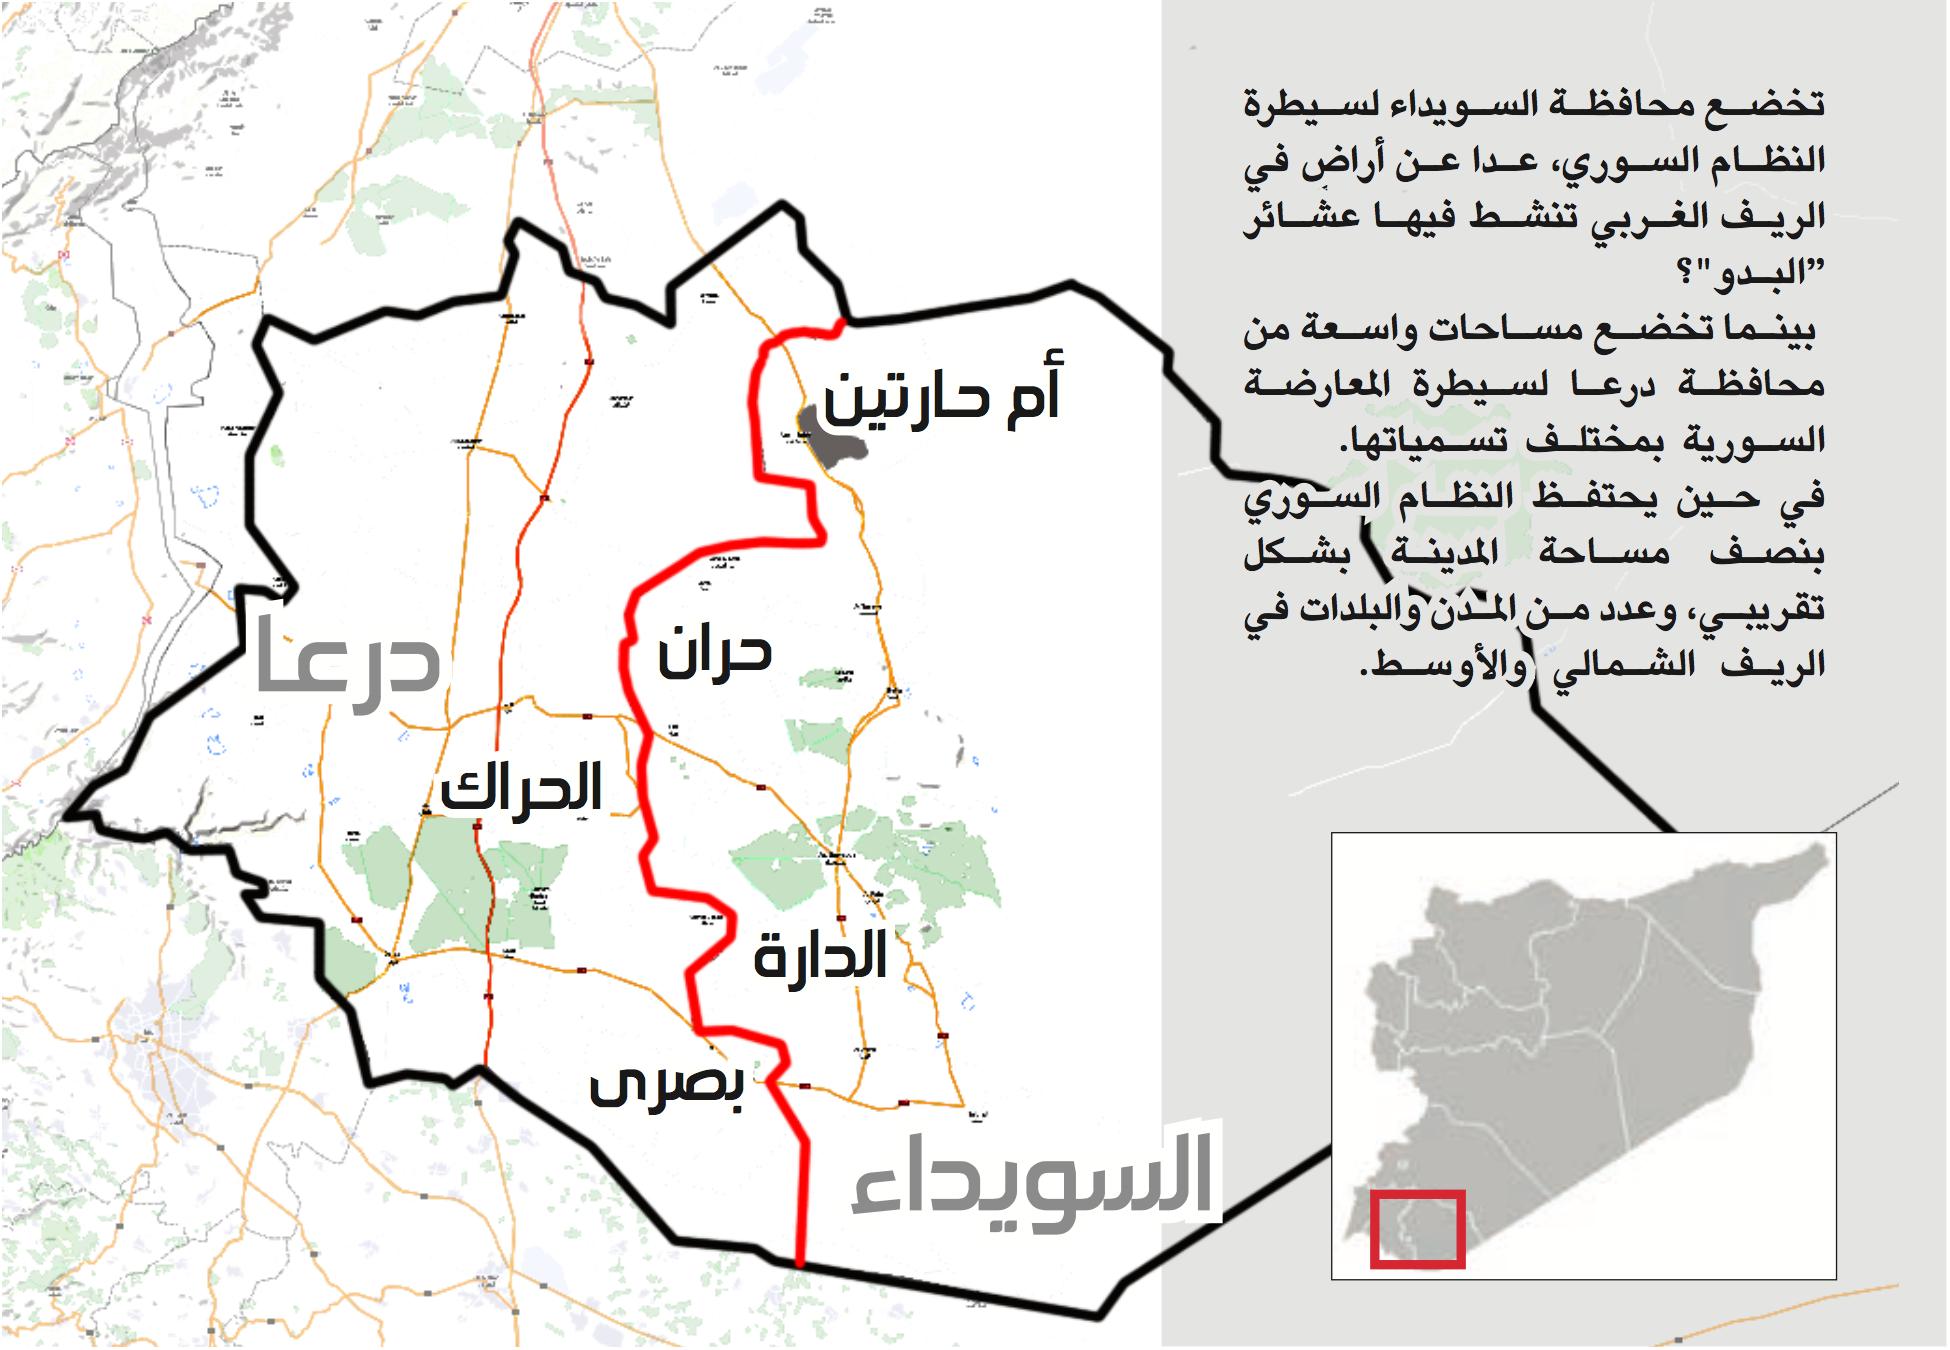 خريطة تظهر الحدود الإدارية لمحافظتي السويداء ودرعا وأبرز القرى في المنطقة (عنب بلدي)